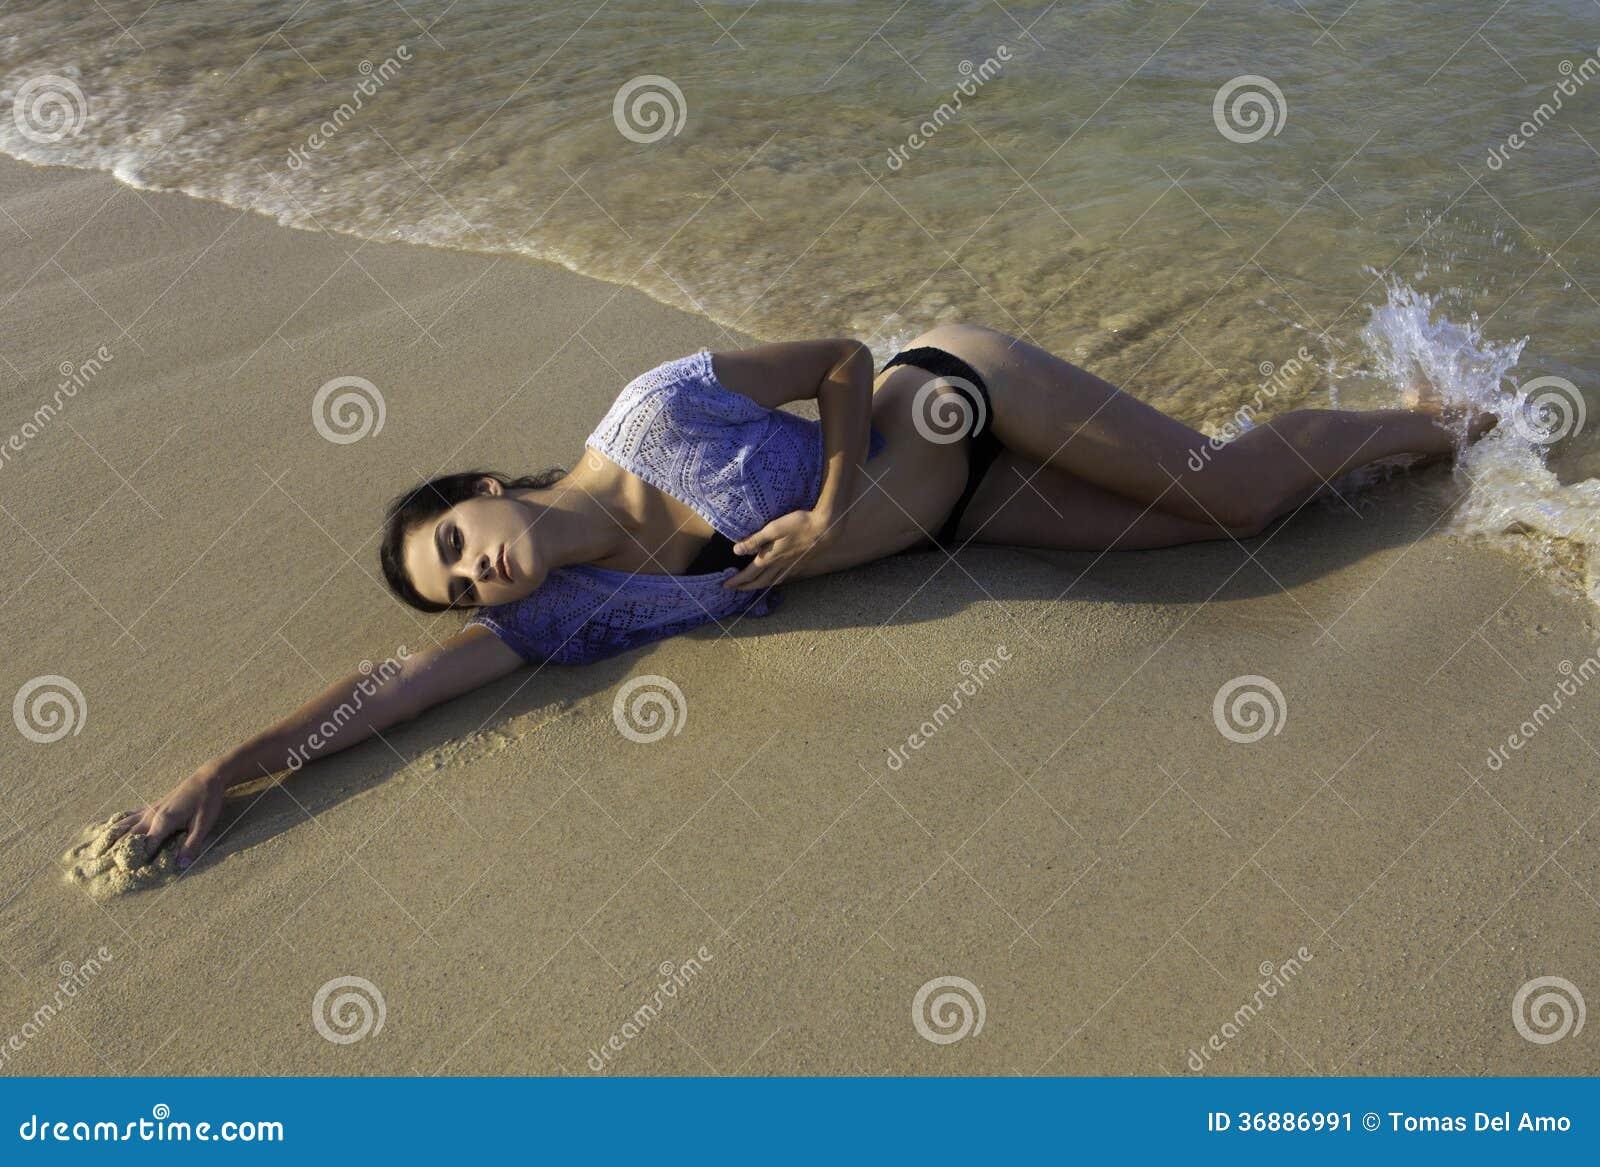 Download Ragazza Alta In Bikini Alla Spiaggia Immagine Stock - Immagine di vacanza, oceano: 36886991